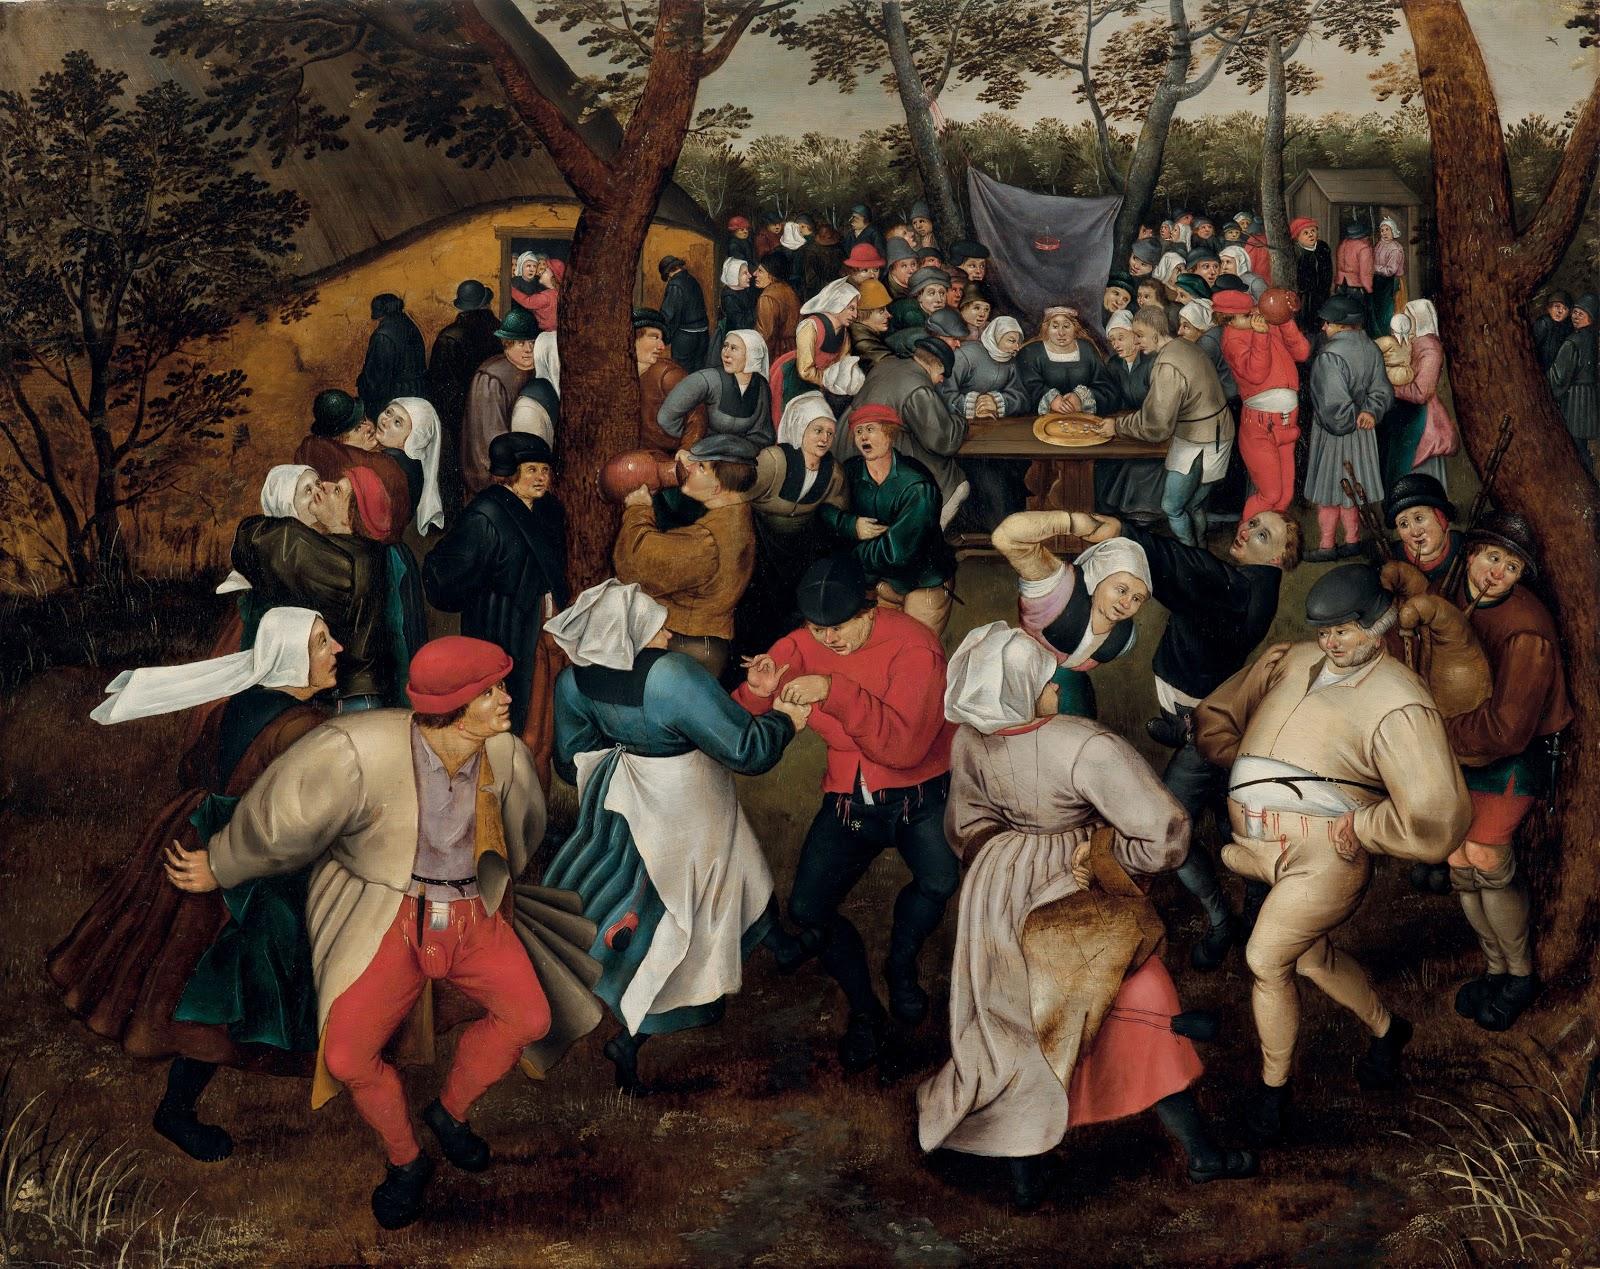 Секс в картинах средневековья 6 фотография